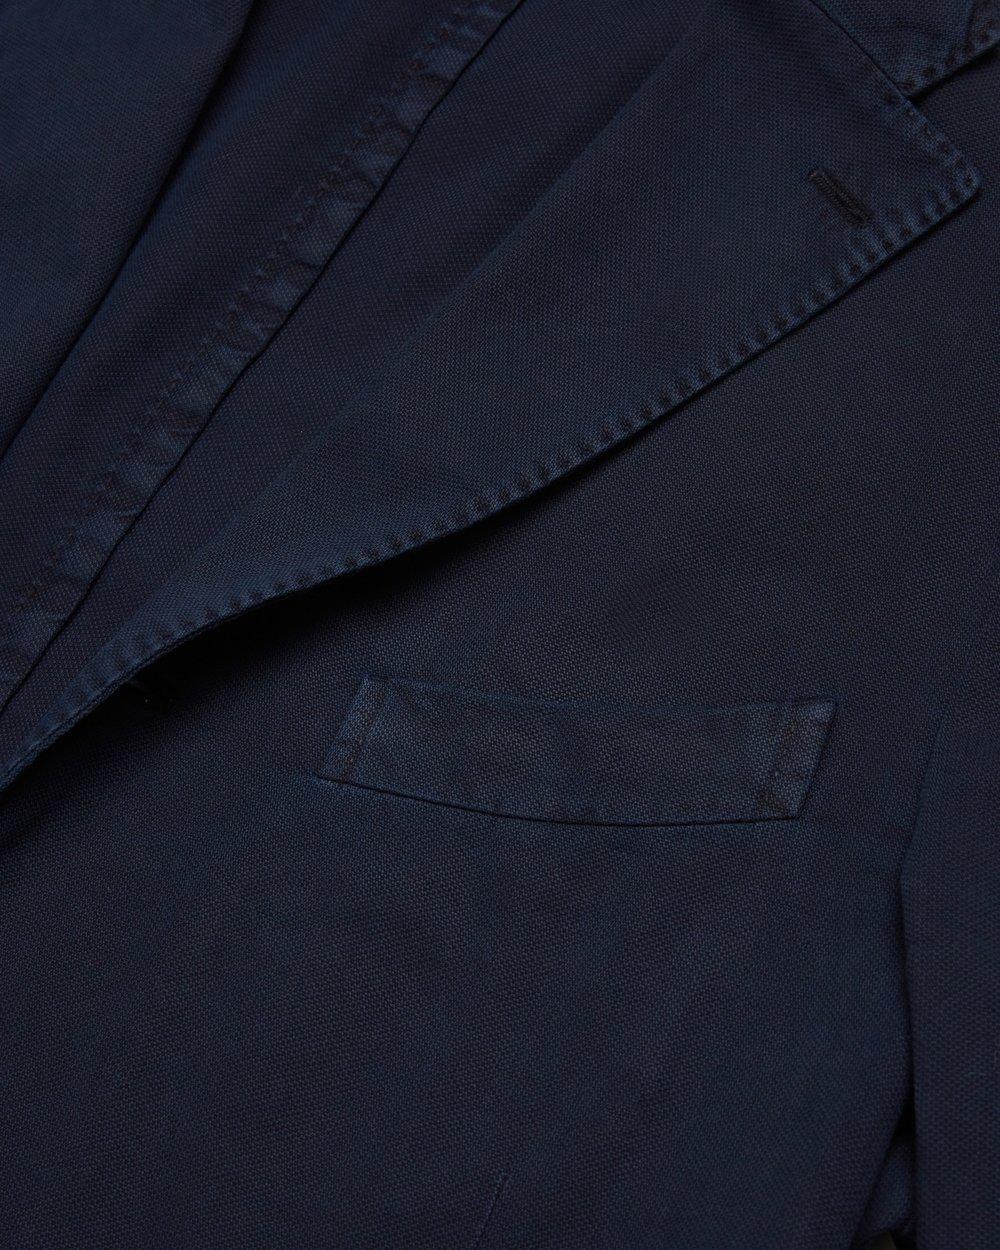 boglioli_garment_dyed_cotton_jacket_navy_4.jpg